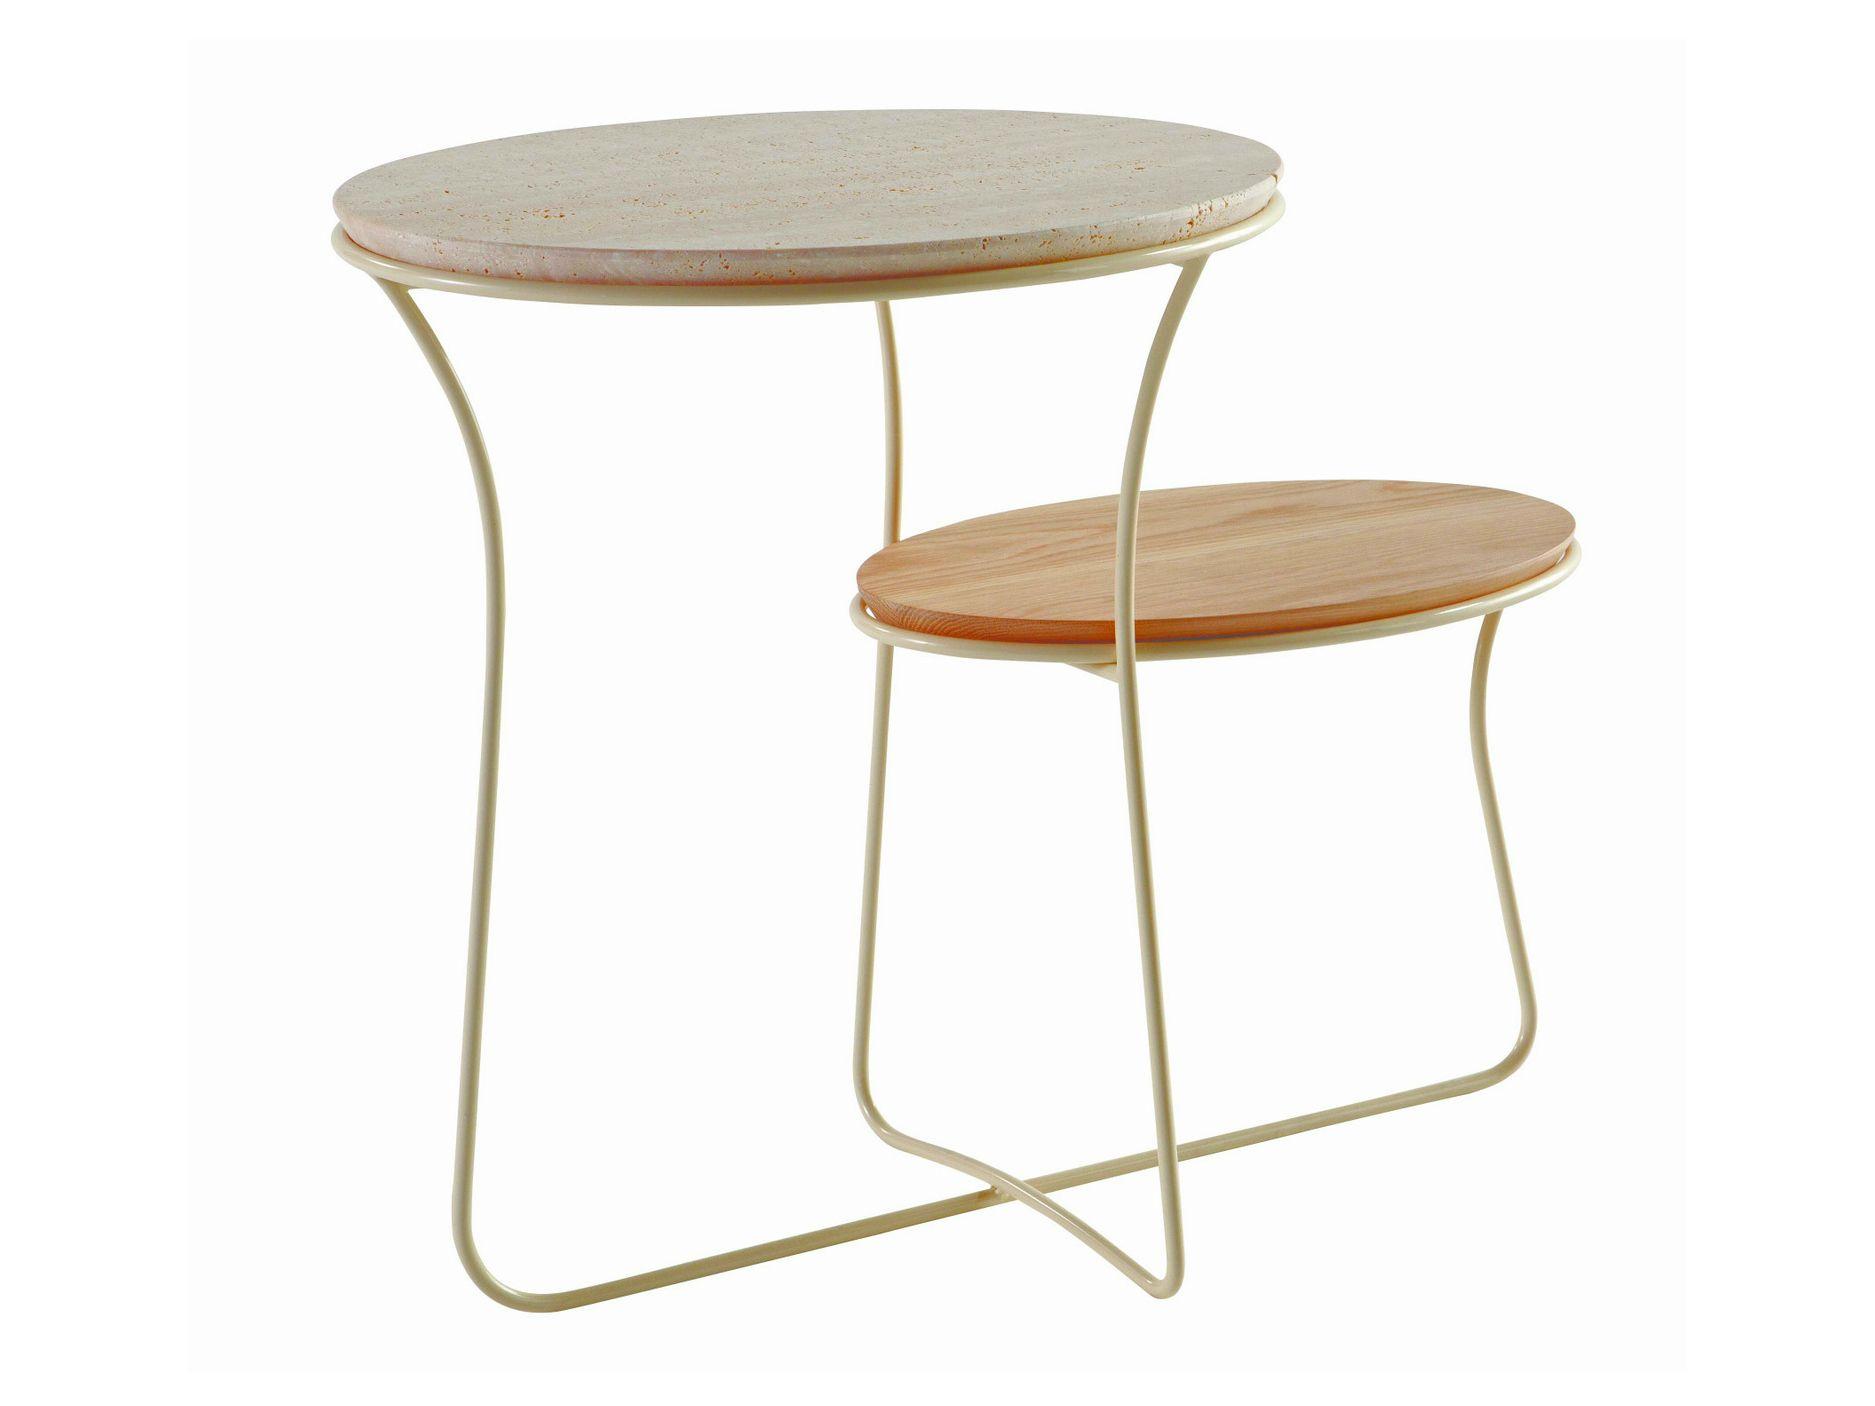 Coffee table oris by roche bobois design christophe delcourt - Prix table basse roche bobois ...